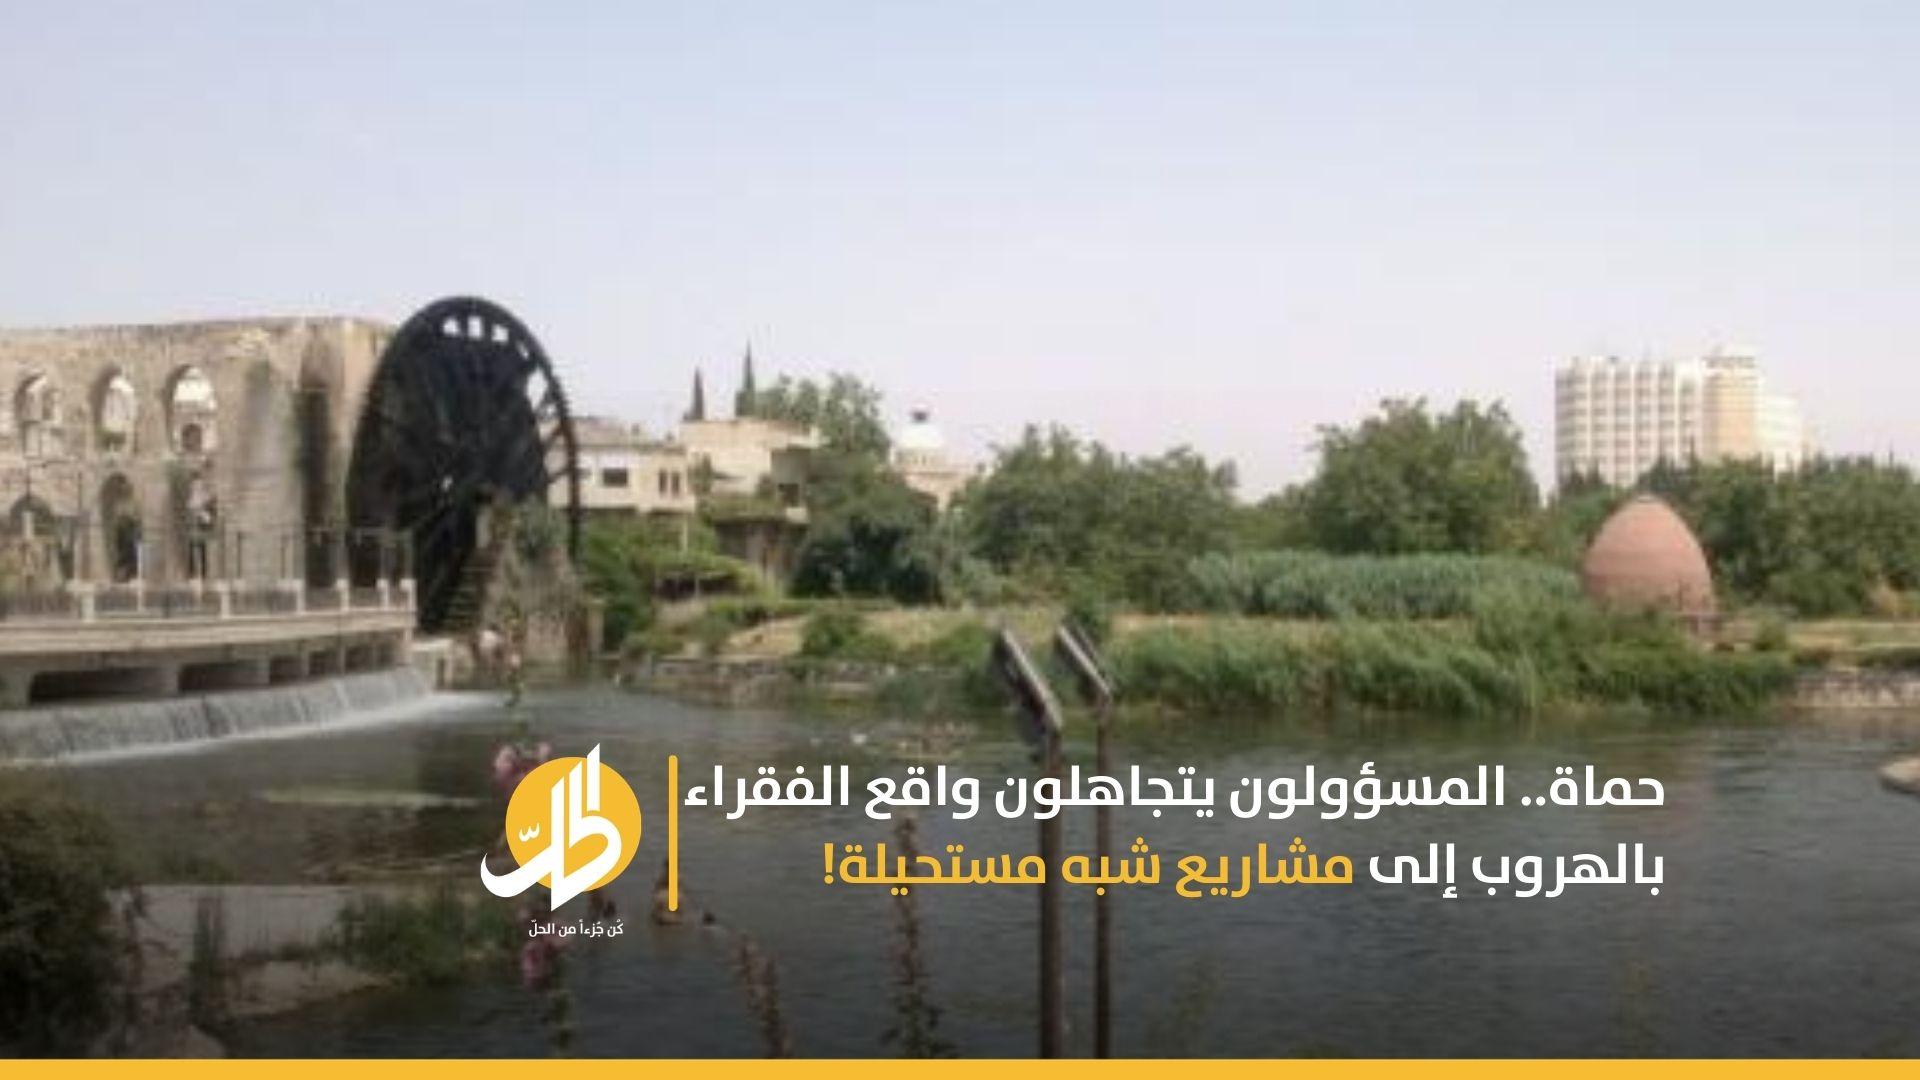 حماة.. المسؤولون يتجاهلون واقع الفقراء بالهروب إلى مشاريع شبه مستحيلة!